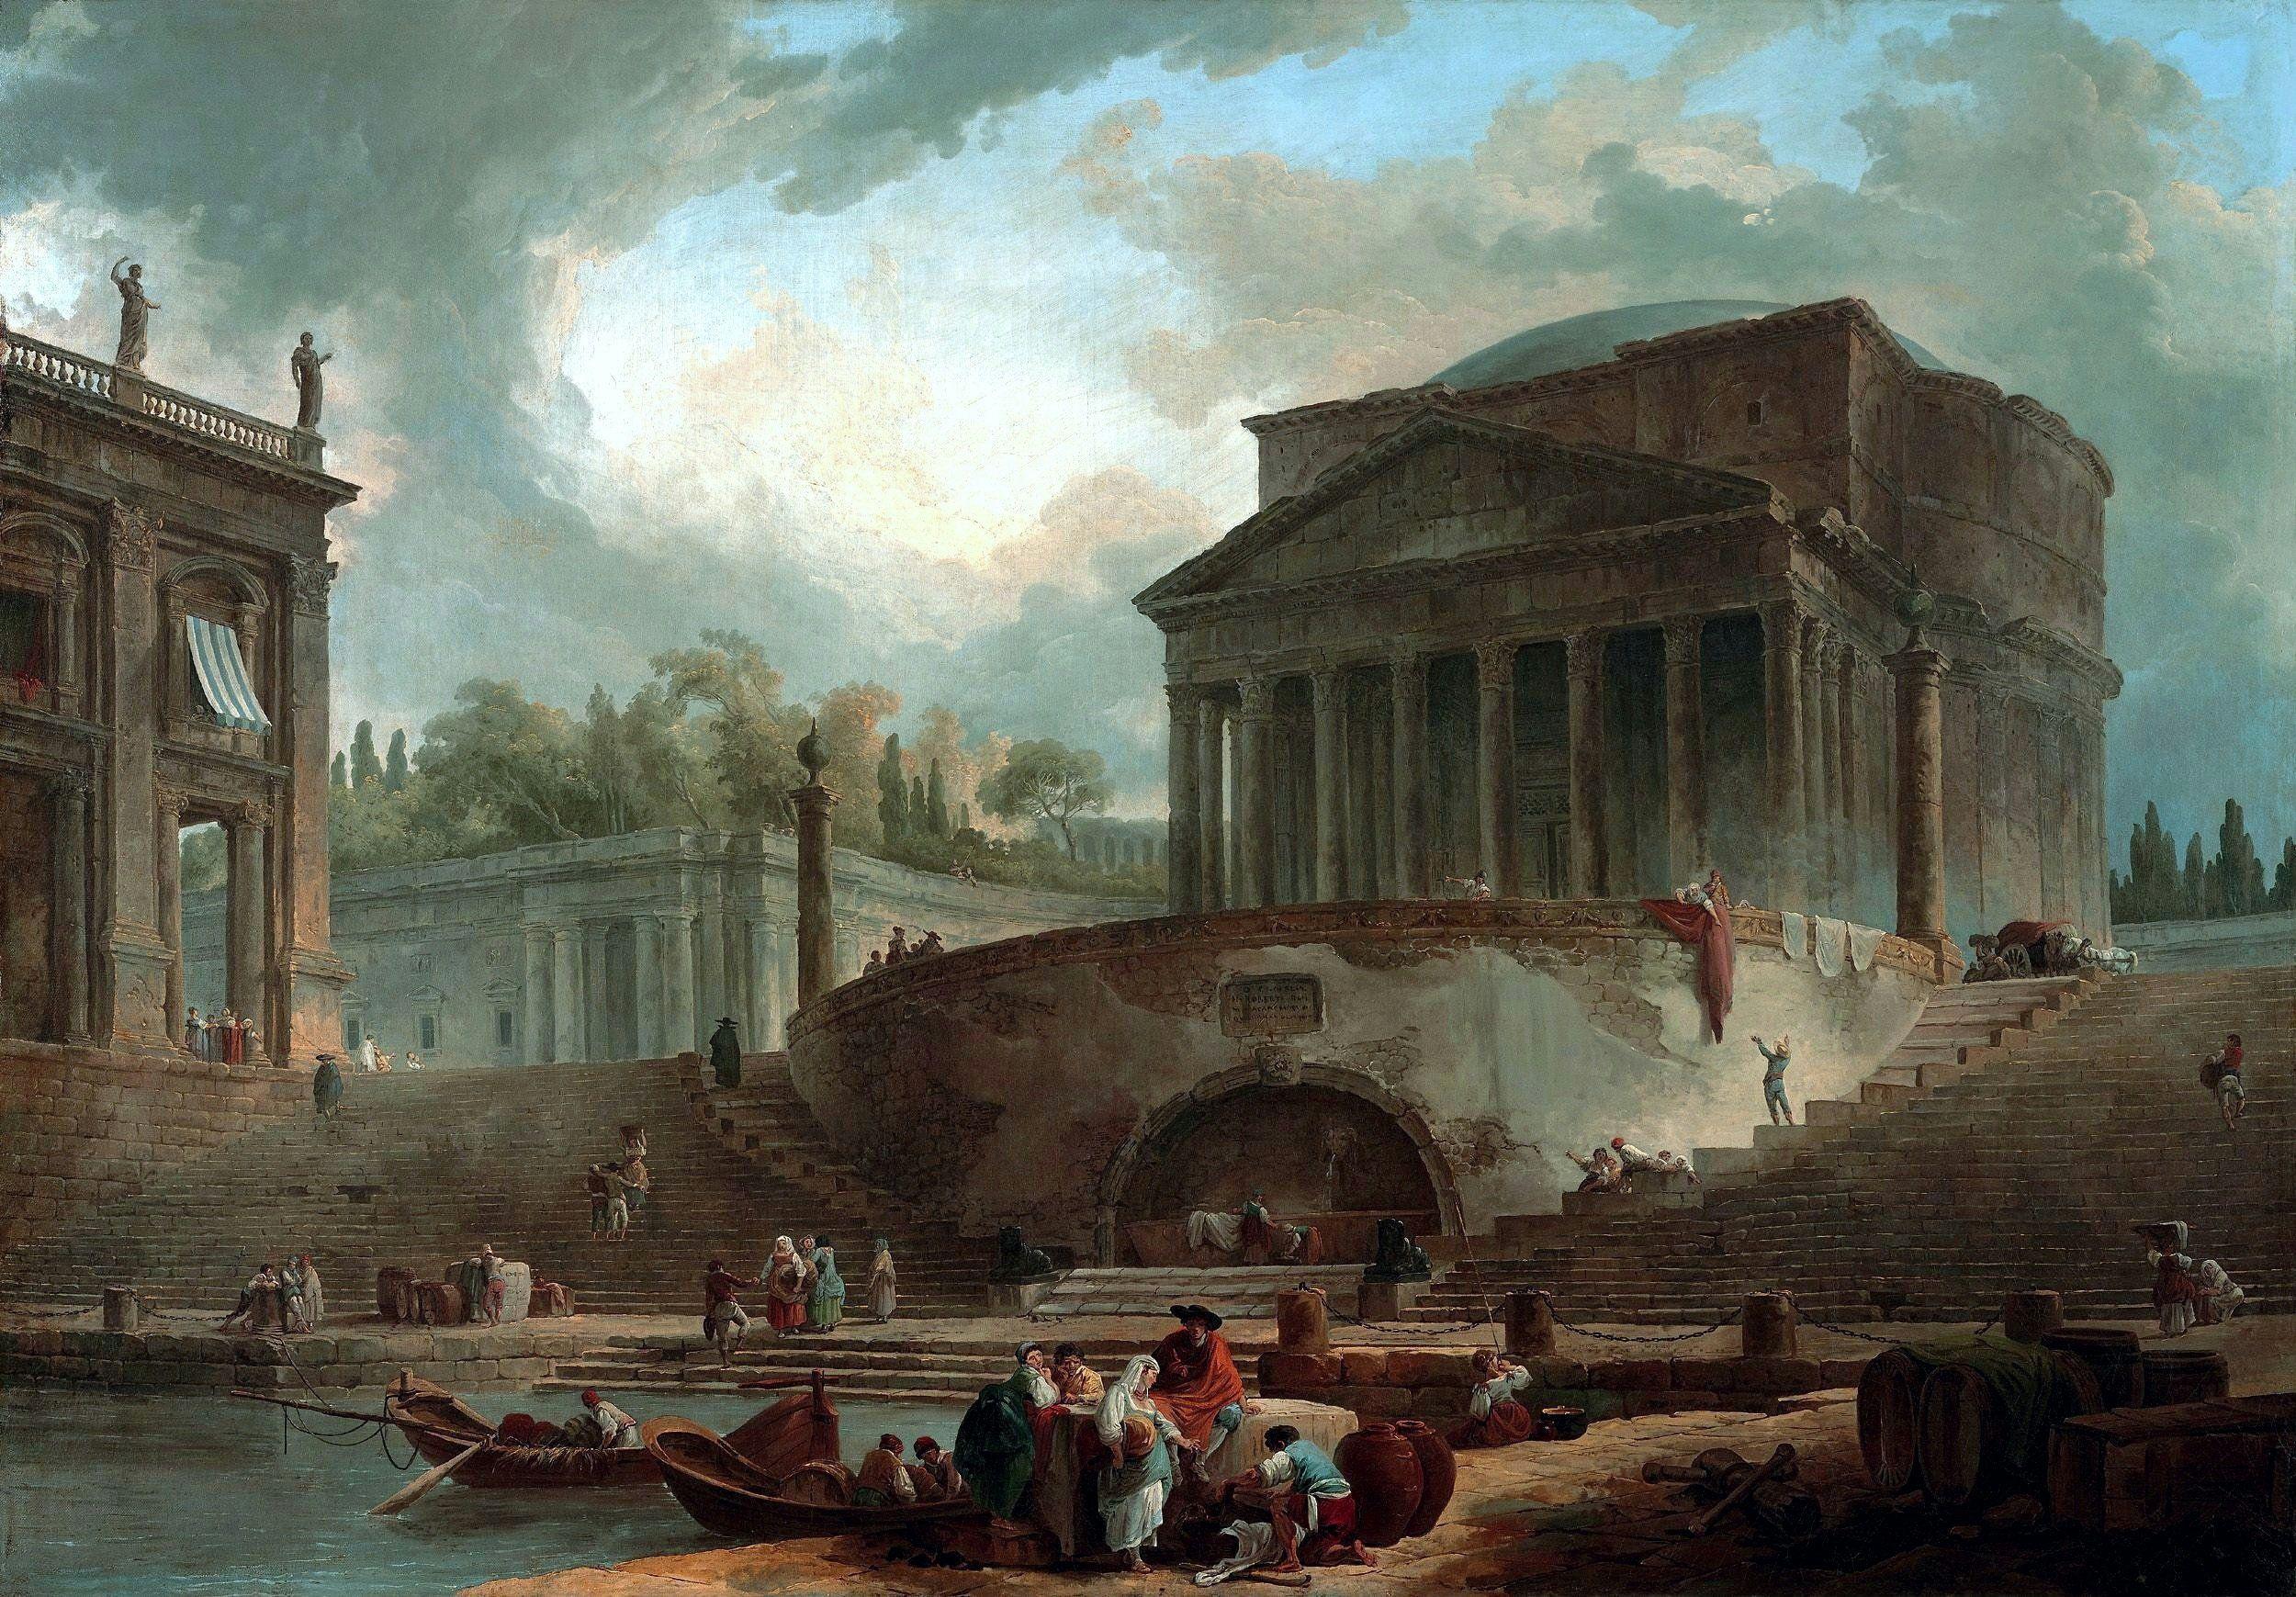 картинки римской эпохи уменьшить